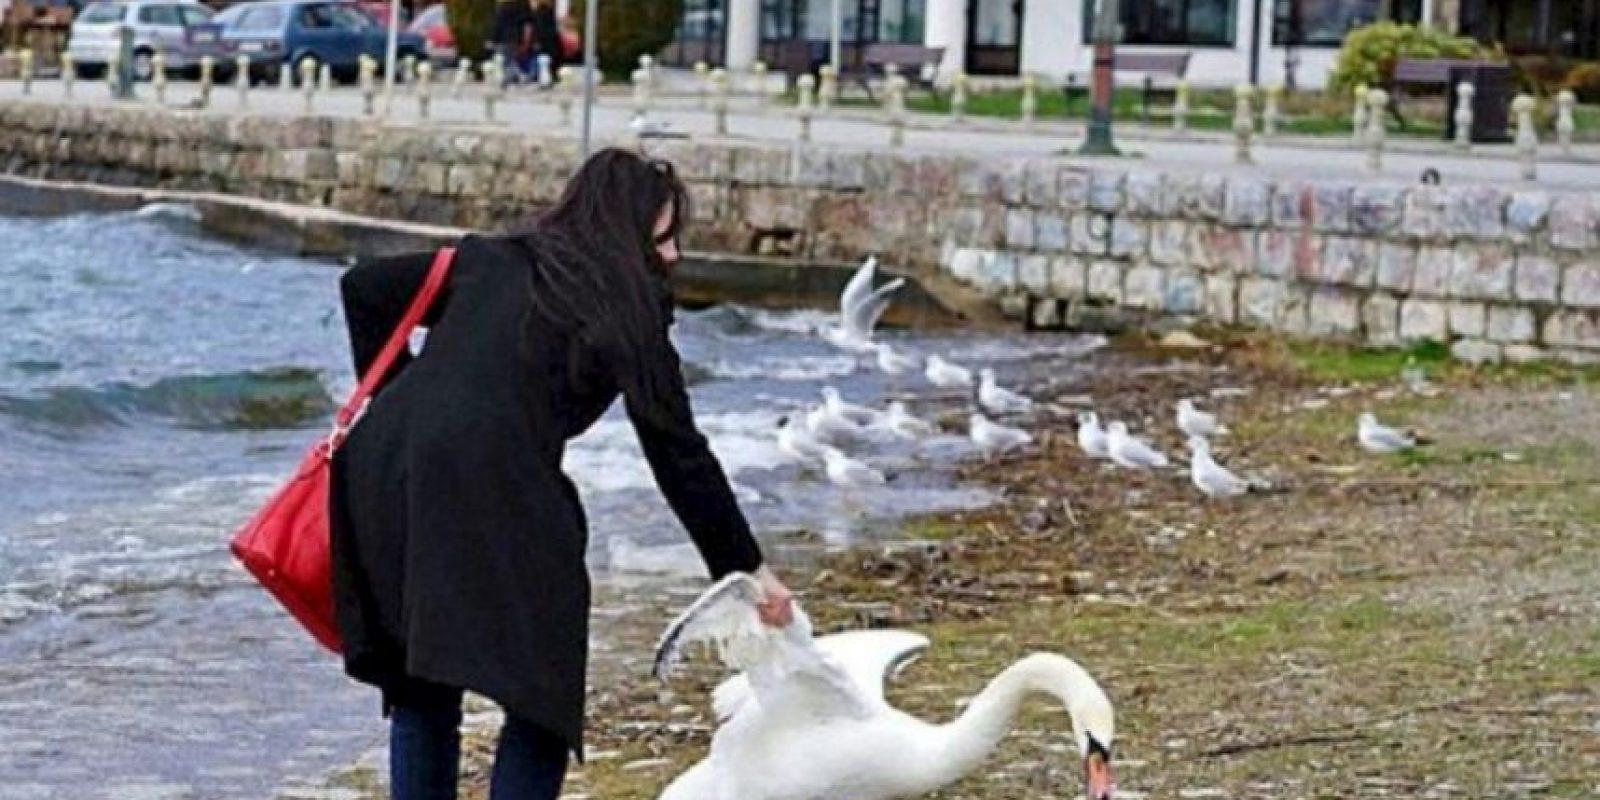 La turista decidió entrar al lago Ohrid, de Macedonia y arrastrar al ave fuera del agua. Foto:Vía Twitter. Imagen Por: